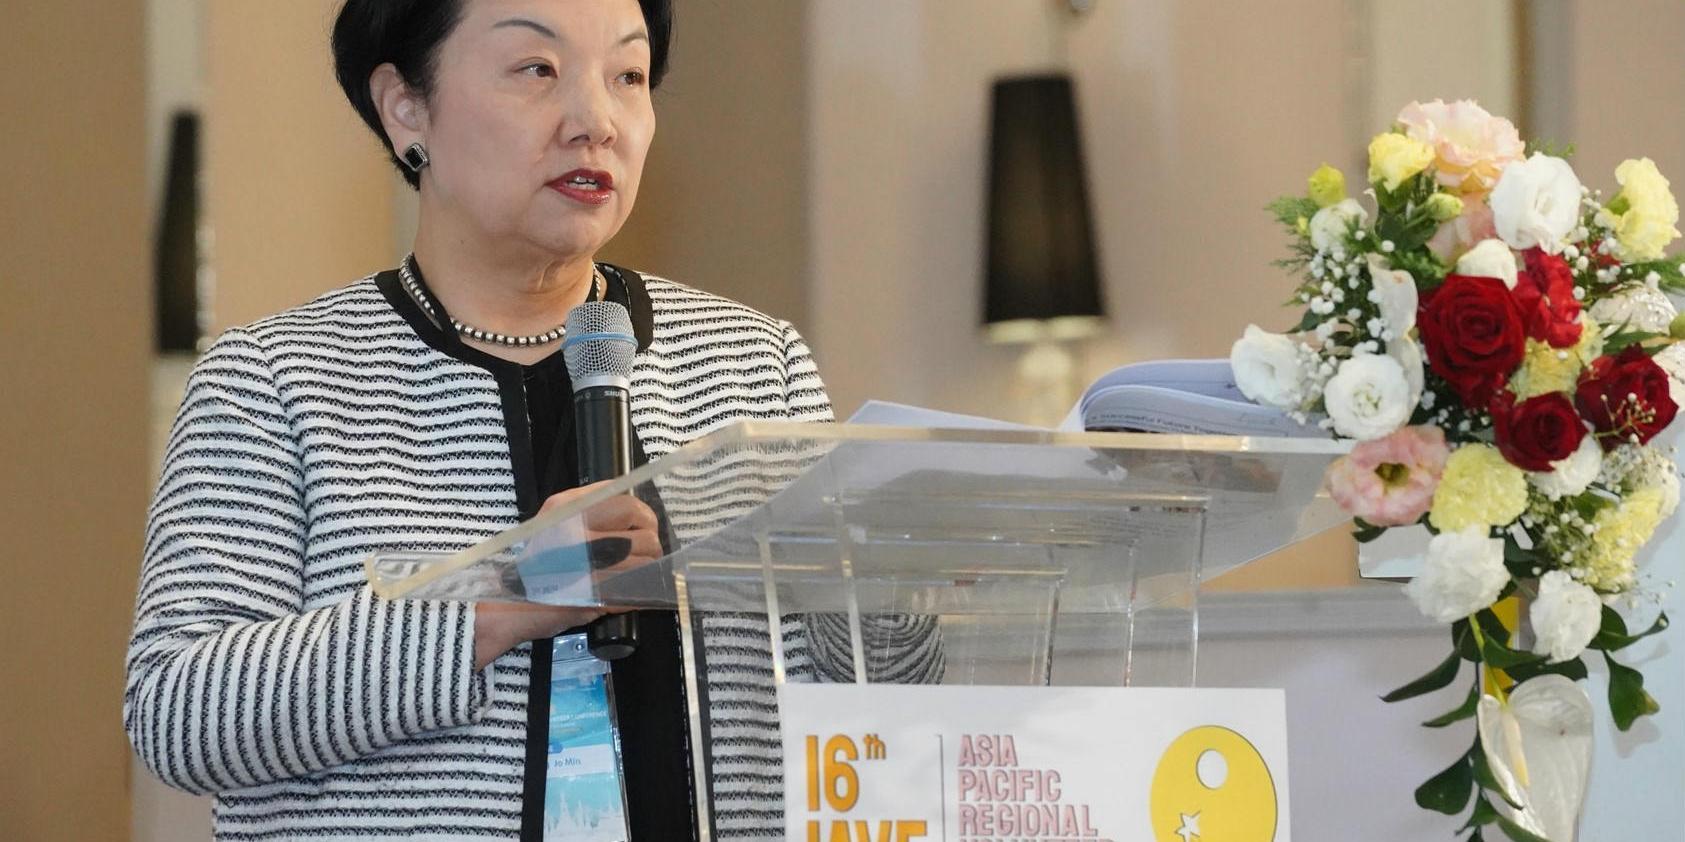 CJ제일제당, 아시아·태평양 자원봉사 콘퍼런스에서 성공사례 발표